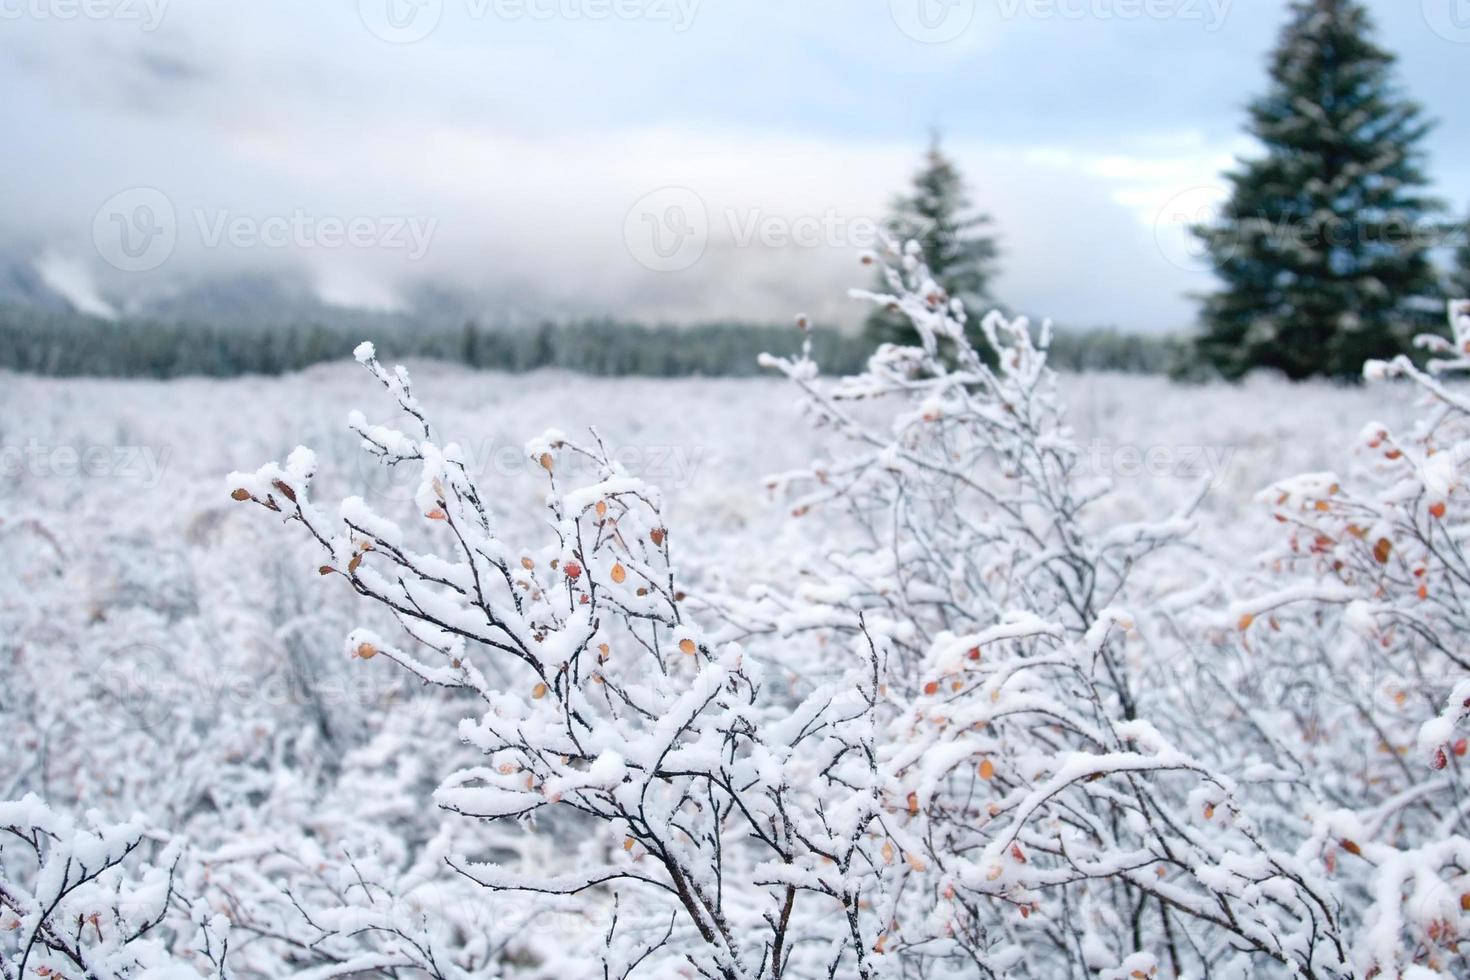 nieve y invierno landcsape foto